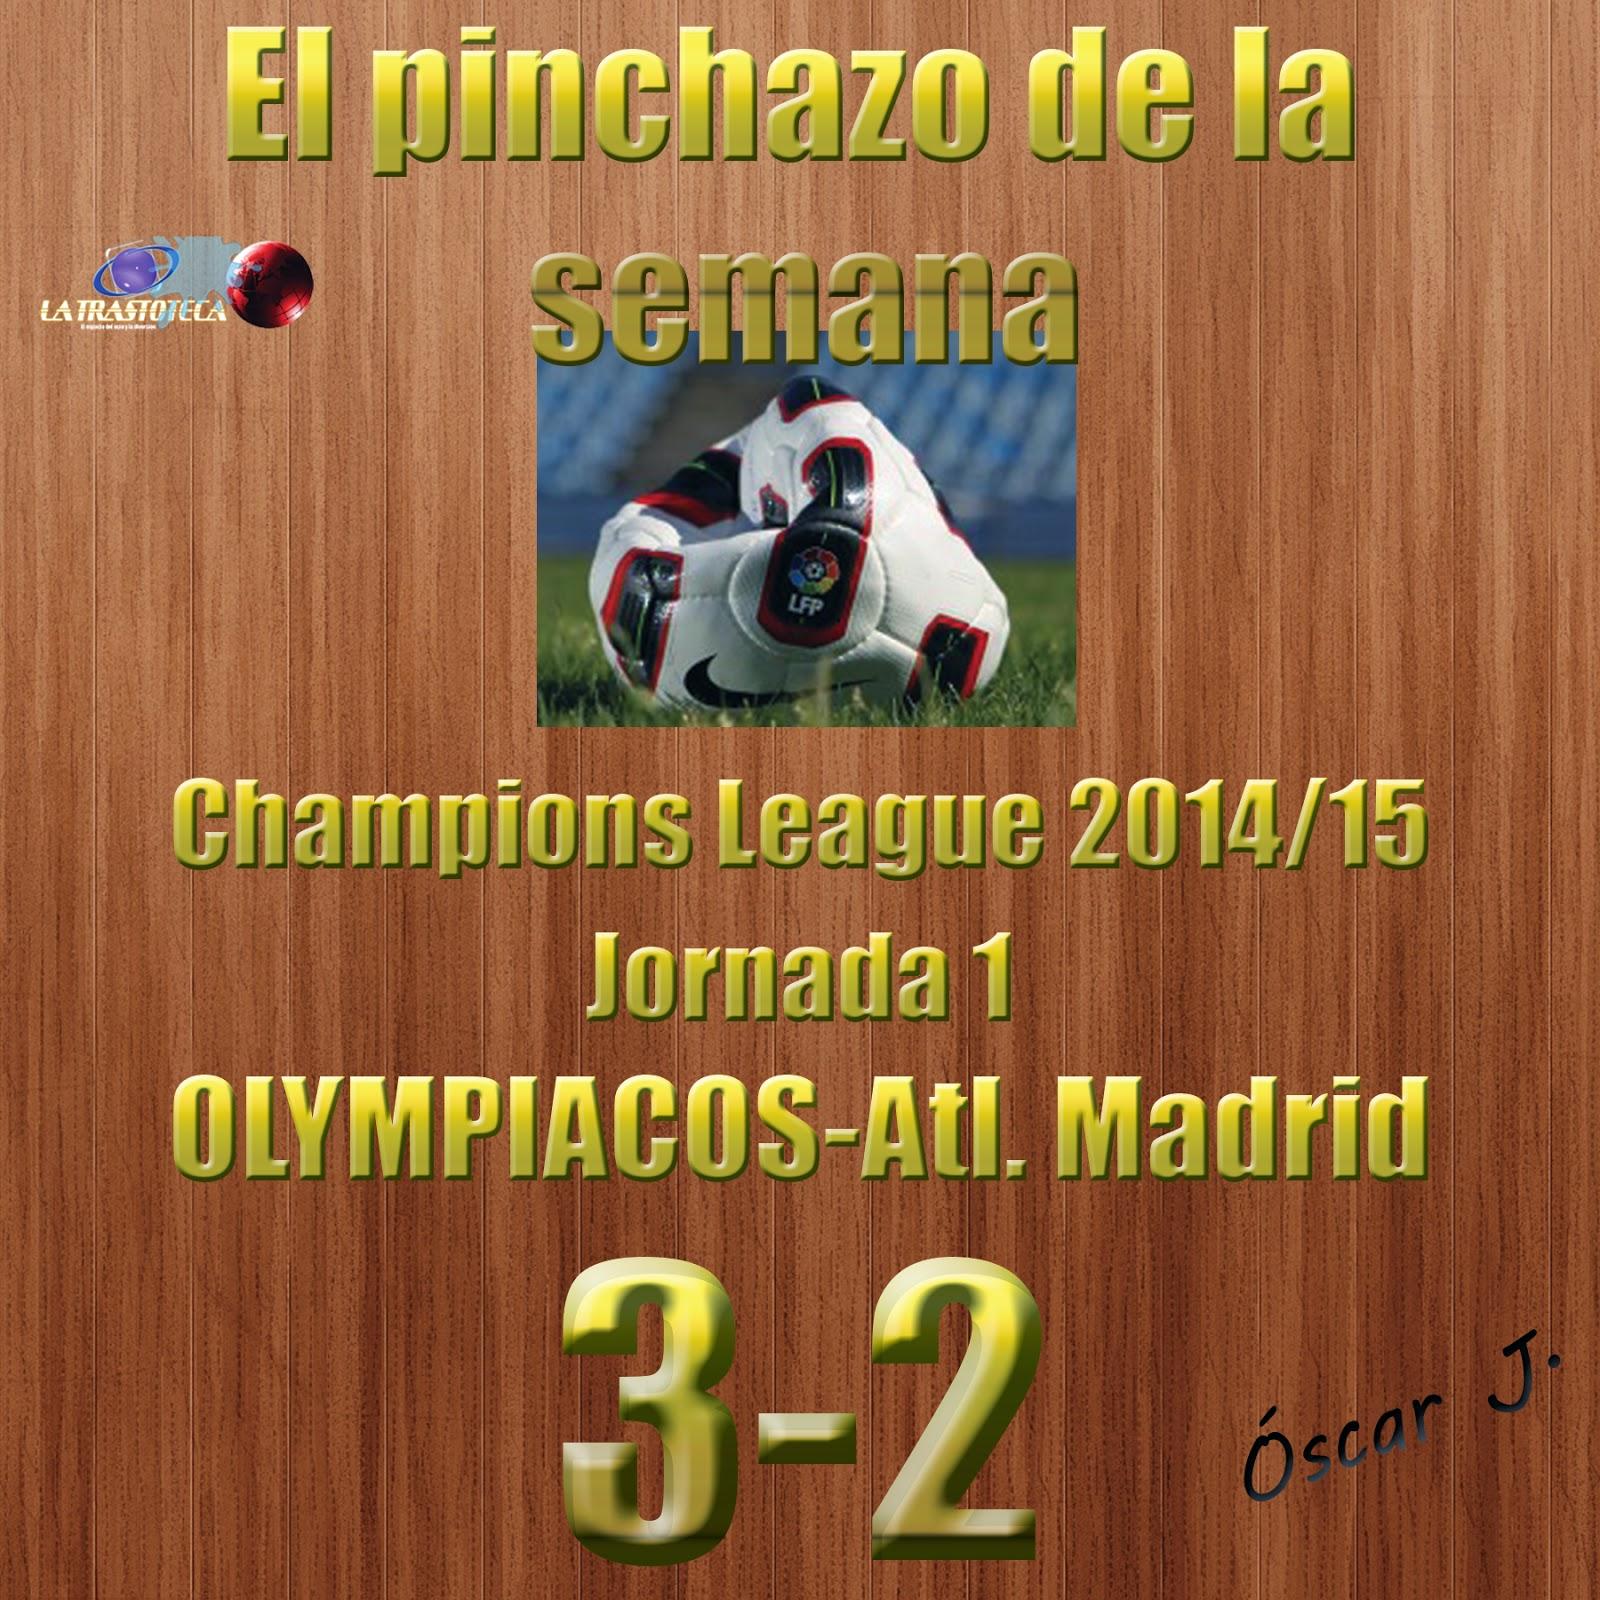 Olympiacos 3 - 2 Atl. Madrid. Jornada 1. El pinchazo de la semana